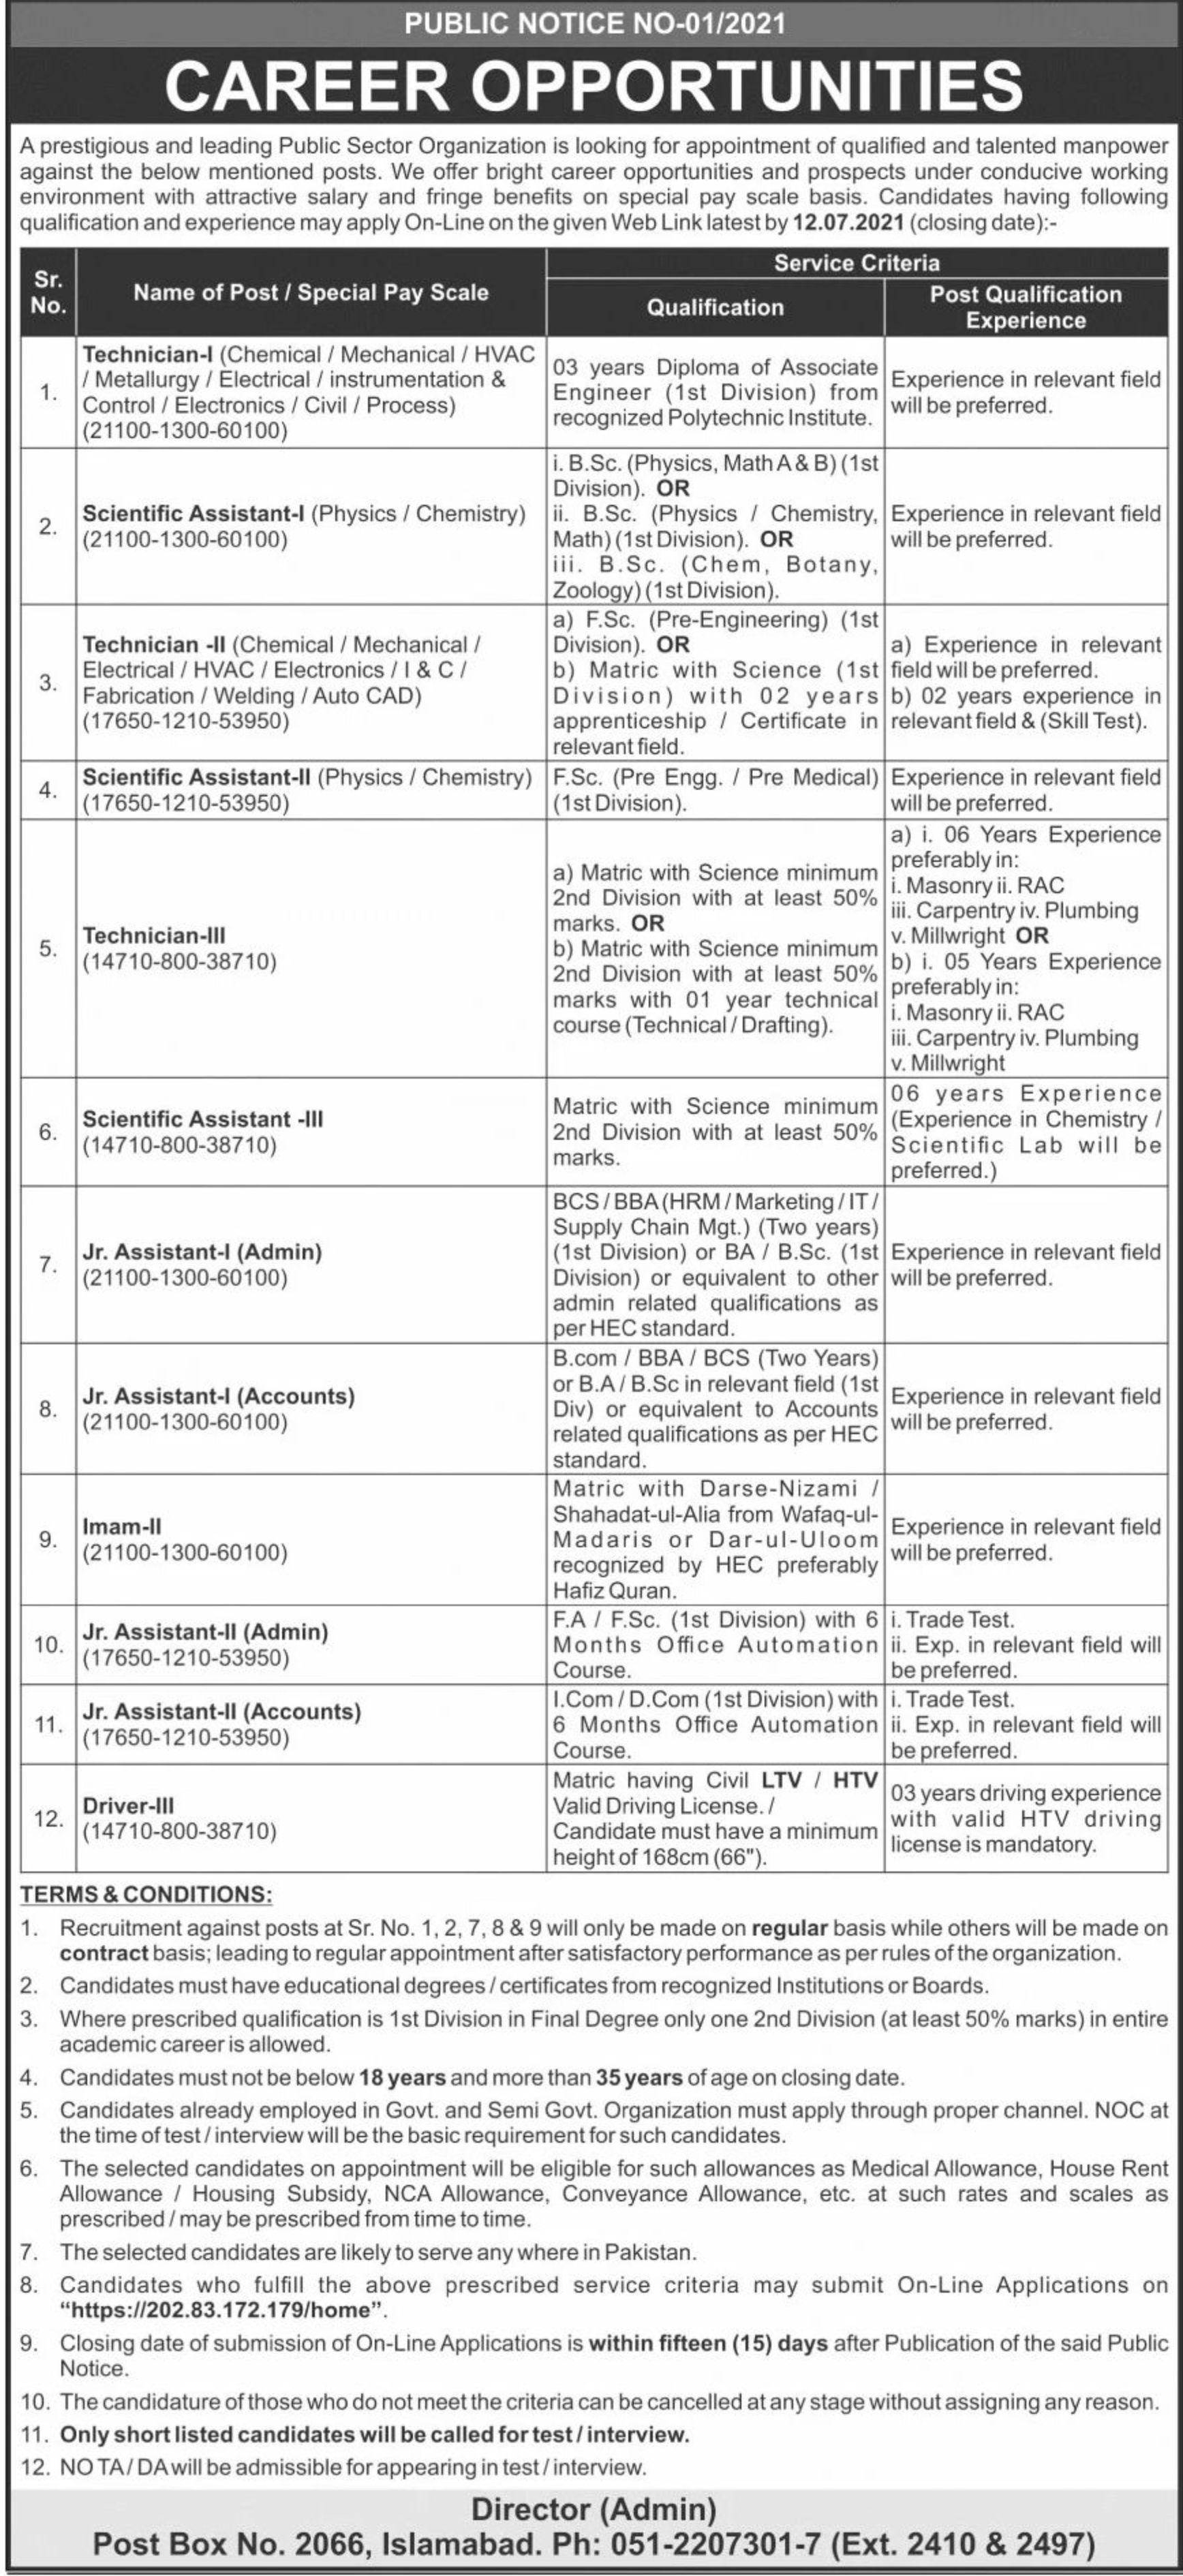 Prestigious Public Sector Organization Vacancies 2021 3